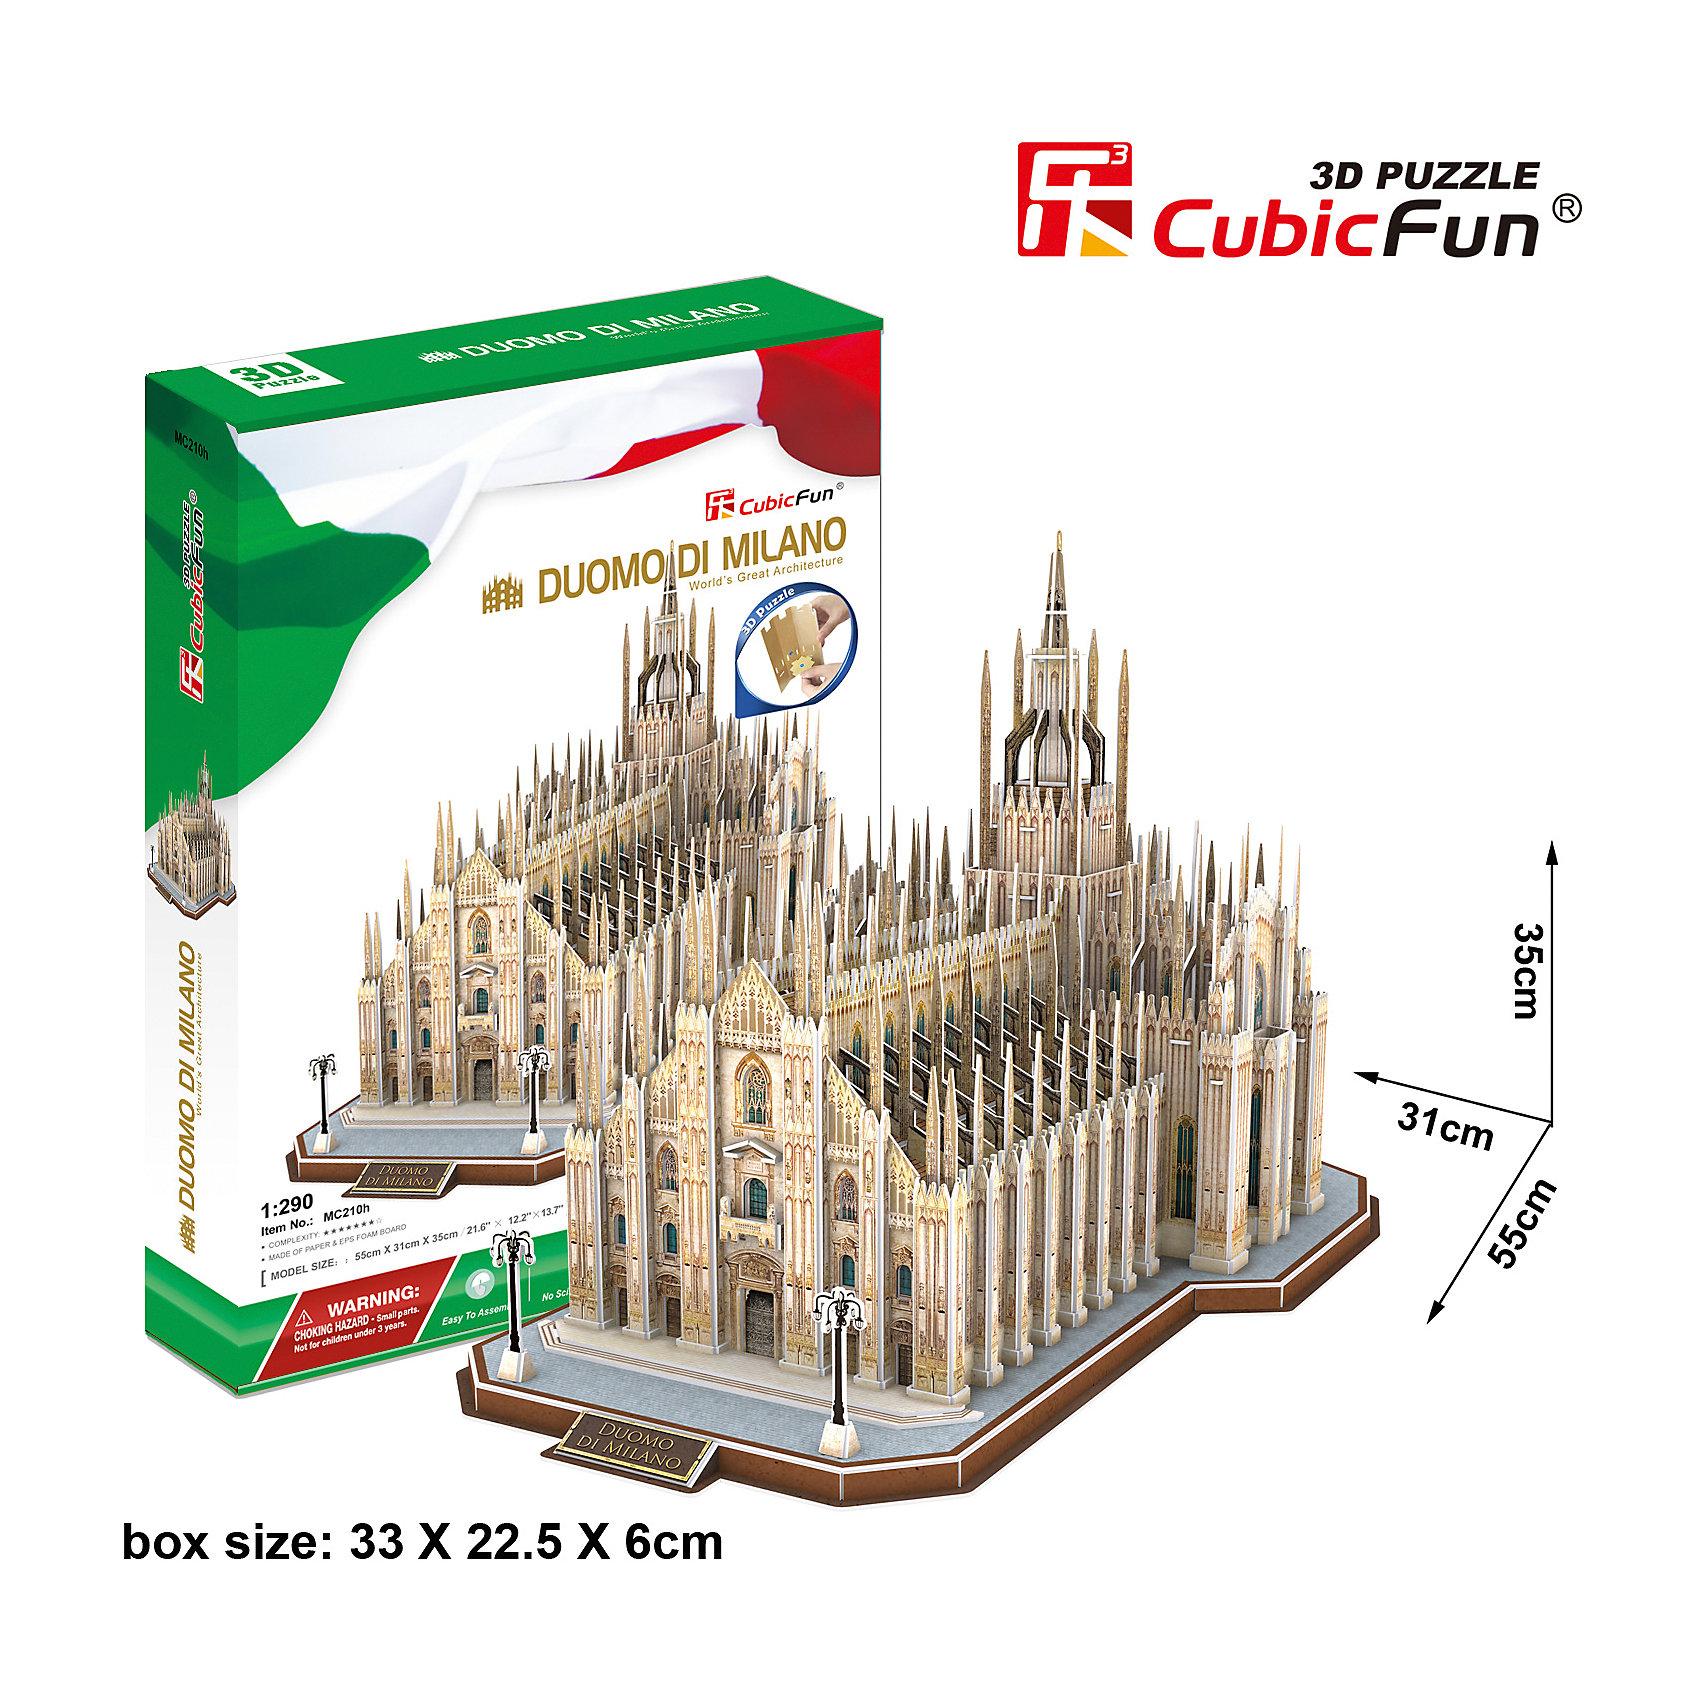 Пазл 3D Миланский Собор (Италия), CubicFunМиланский собор или Дуомо ди Милано, как называют его сами миланцы, является, пожалуй, одной из ярчайших достопримечательностей в Европе. Пятый по величине в мире собор, жемчужина итальянской готики и единственная в Европе беломраморная готическая базилика, история которой насчитывает более шести столетий. Архитектура Миланского собора поражает не только фасадом, но и внутренним убранством – высоченные потолки, грандиозные колонны, мозаичные потолки и множество статуй, главная из которых – золотое изваяние покровительницы Милана. Именно под этими величественными сводами был коронован король Италии и император французов Наполеон I Бонапарт. Теперь у Вас есть возможность воссоздать это удивительное архитектурное сооружение, символ Милана, у себя дома с замечательным набором Cubic Fun MC210h Кубик фан Миланский Собор (Италия).<br><br>Наборы Кубик Фан – это необычные 3D пазлы, которые точно воссоздают объемную масштабированную модель своего прототипа. Для сборки моделей Cubic Fun не нужен клей, детали отлично совмещаются друг с другом.<br><br>Ширина мм: 230<br>Глубина мм: 335<br>Высота мм: 65<br>Вес г: 1110<br>Возраст от месяцев: 72<br>Возраст до месяцев: 192<br>Пол: Унисекс<br>Возраст: Детский<br>SKU: 4951155